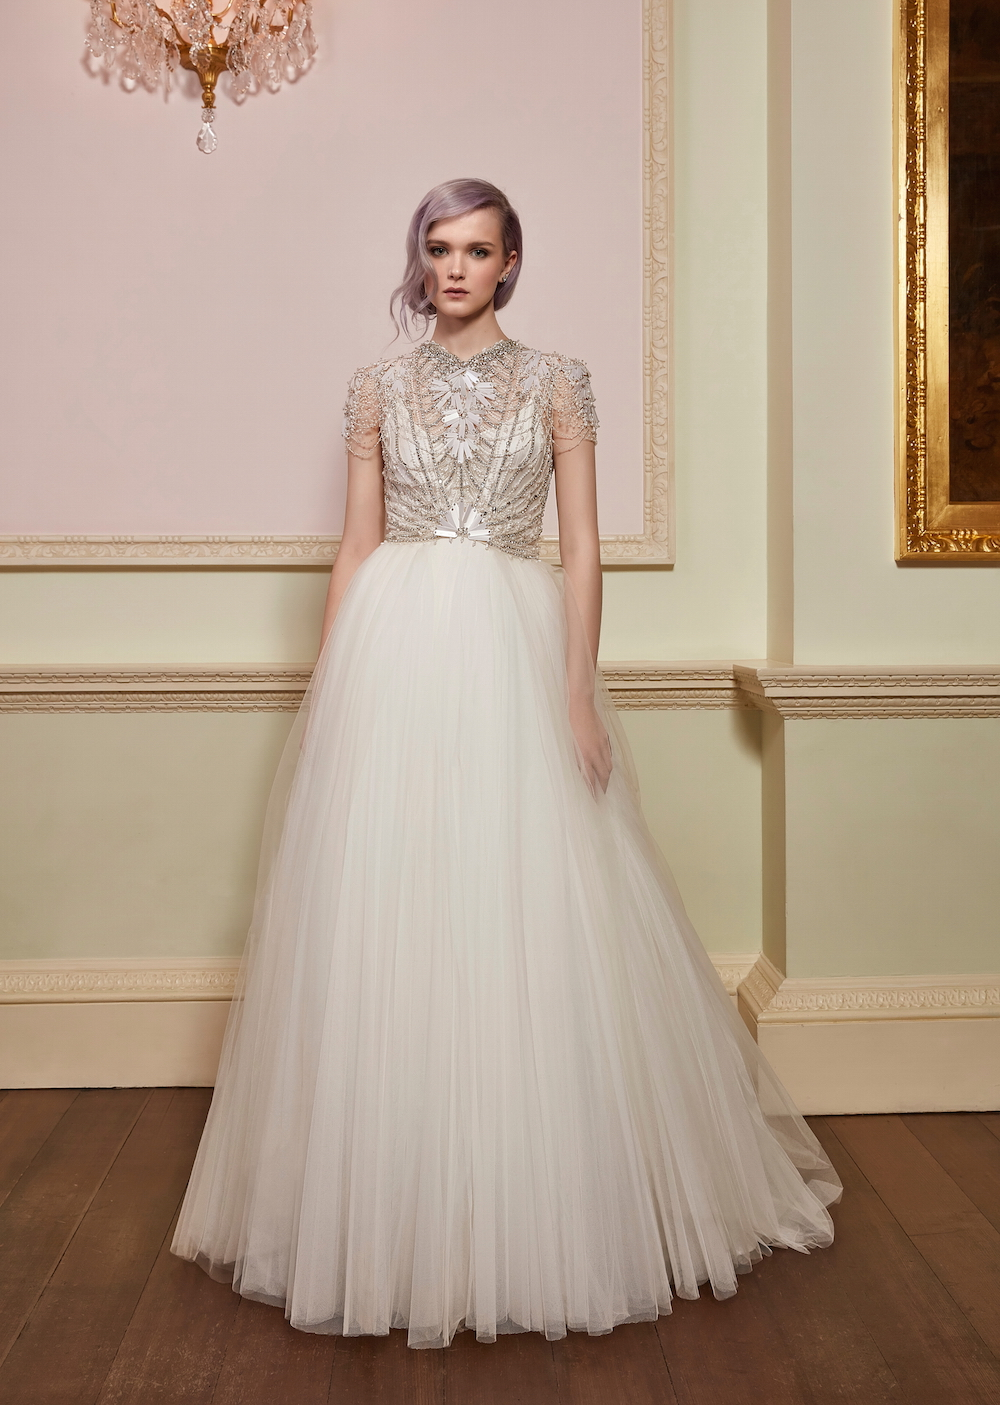 Fantastisch Glam Brautkleid Fotos - Brautkleider Ideen ...